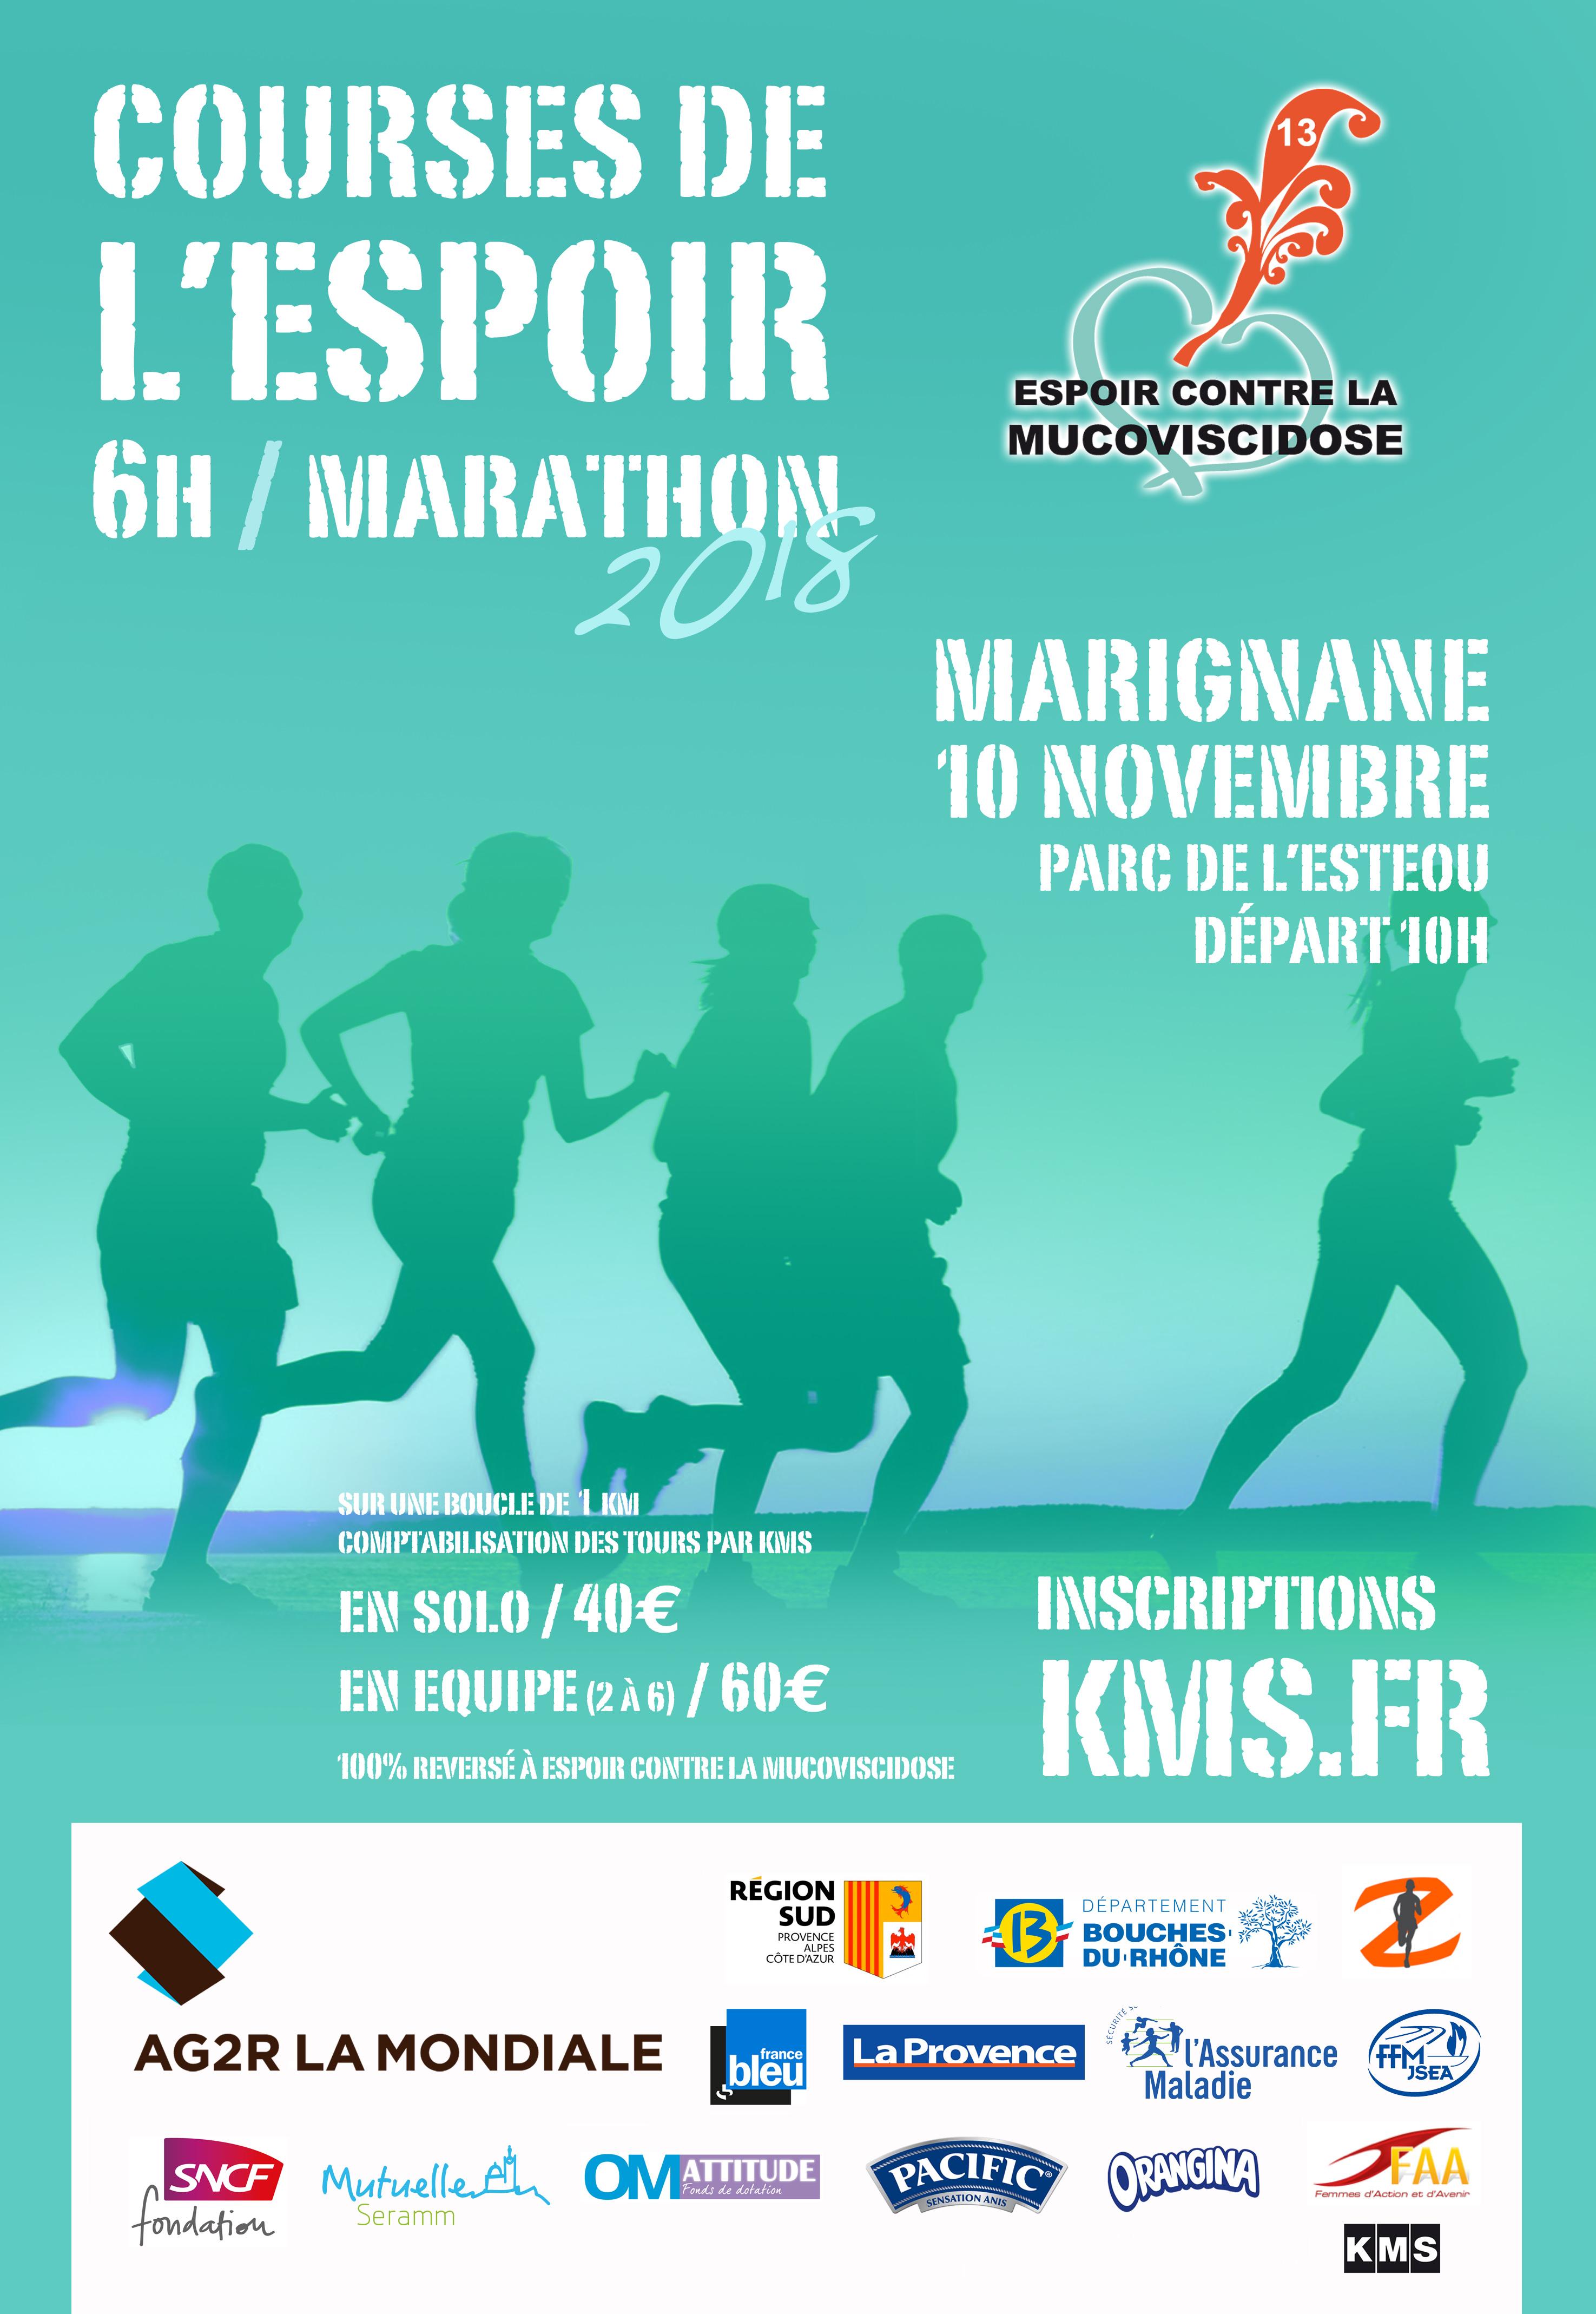 Marathon Espoir : en relais (equipe de 2 à 6 maxi)